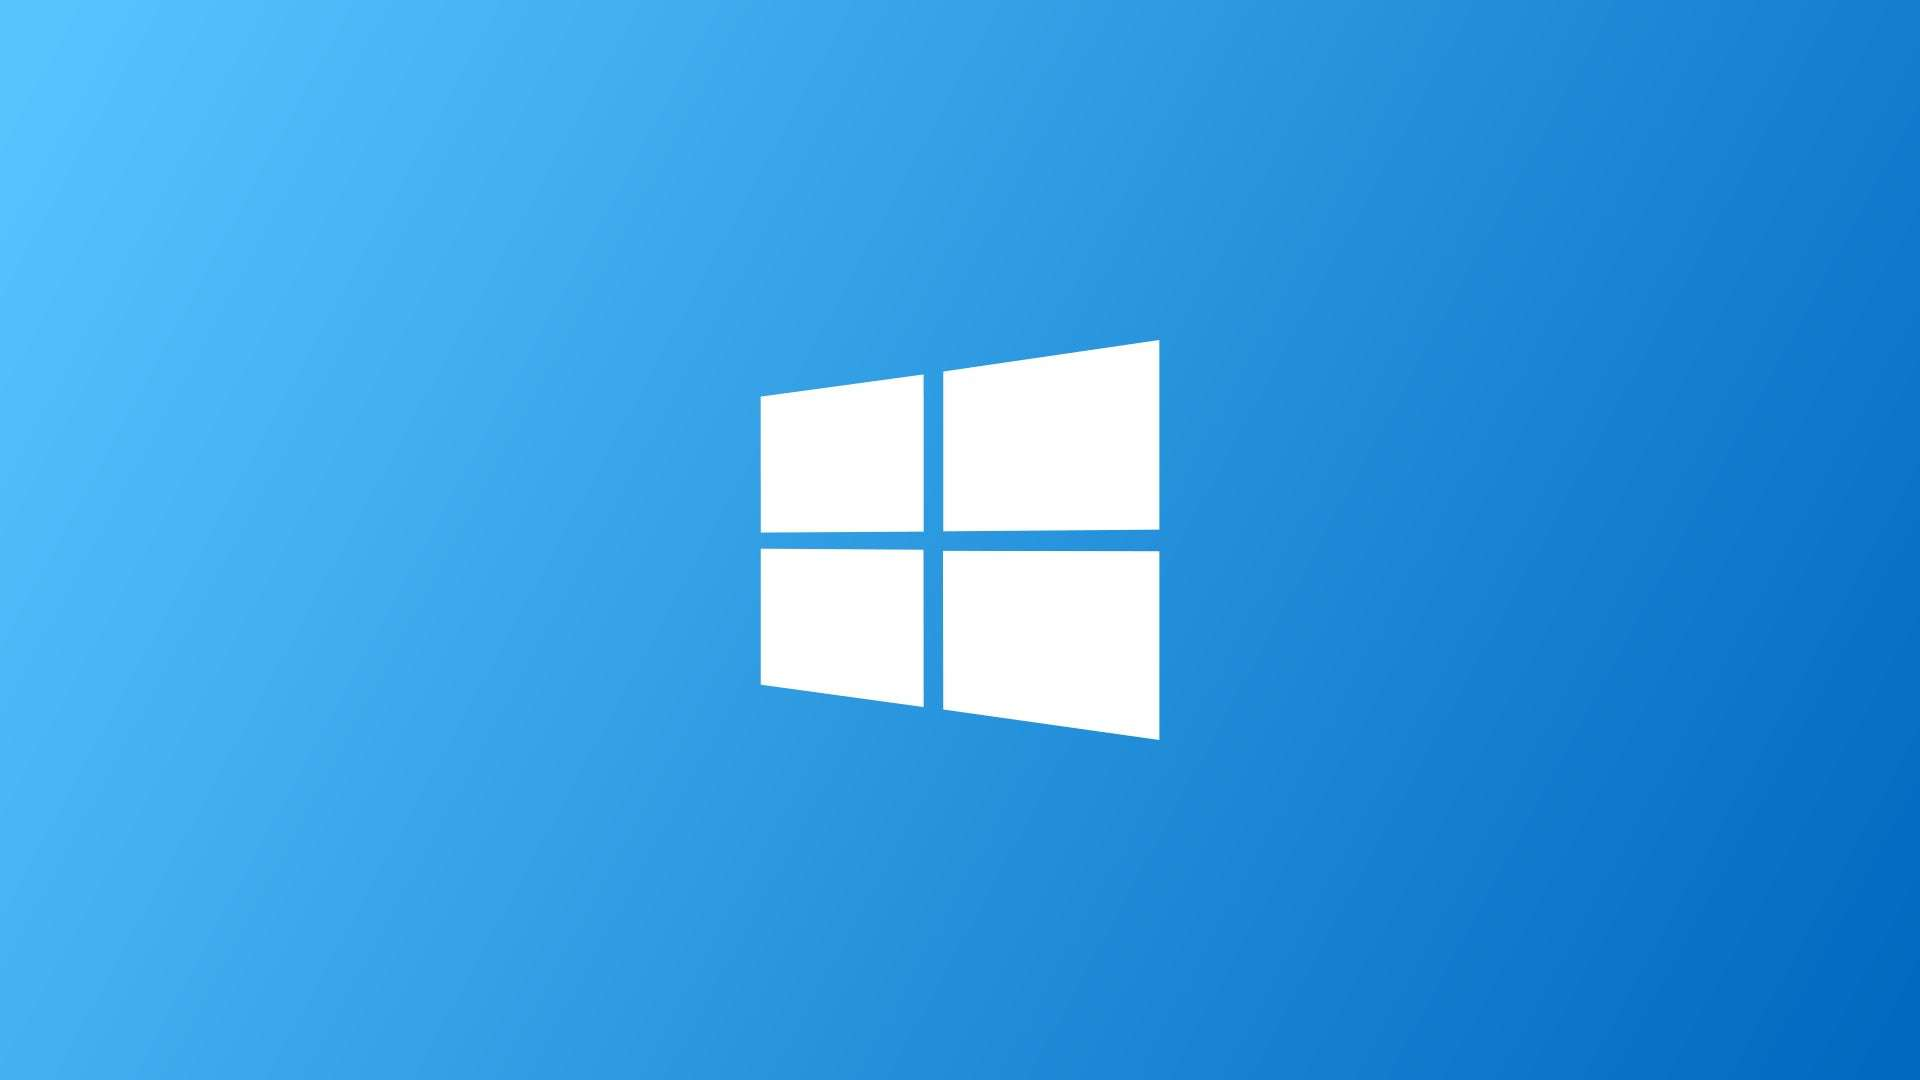 DIGBUSEL - Windows 10X Hanya Akan Tersedia Tahun Ini Untuk Perangkat Dengan Satu Layar